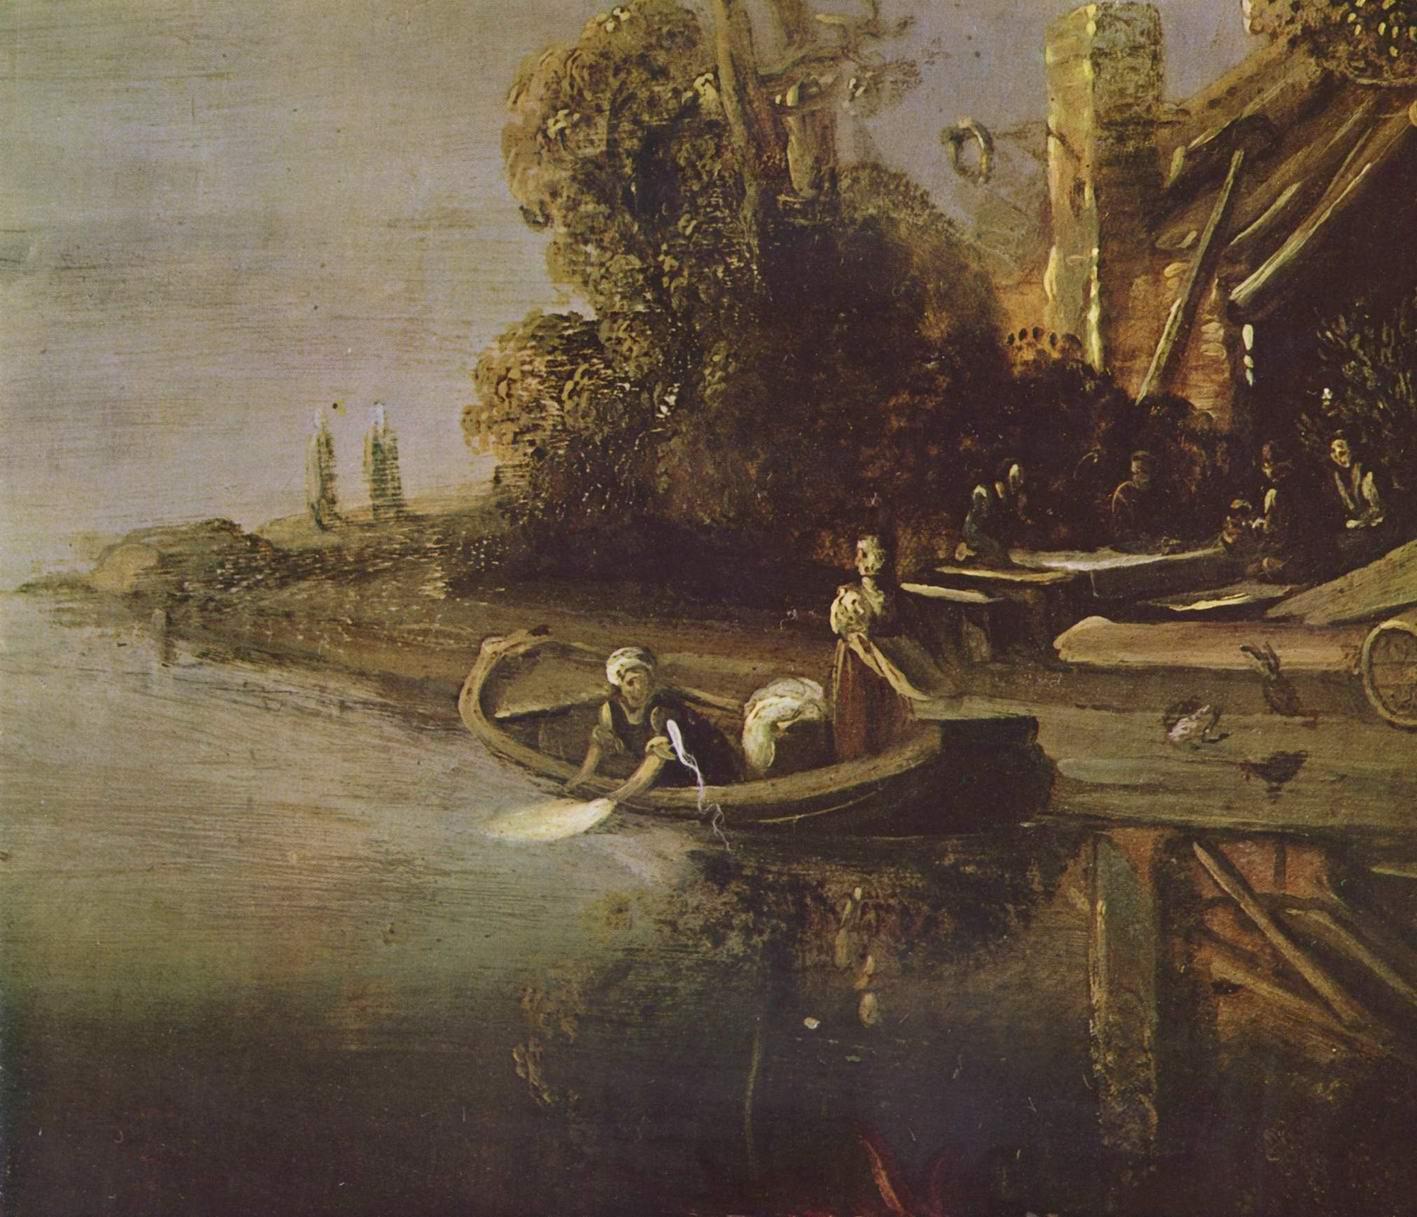 Из собрания шедевров мировой живописи... (792).jpg